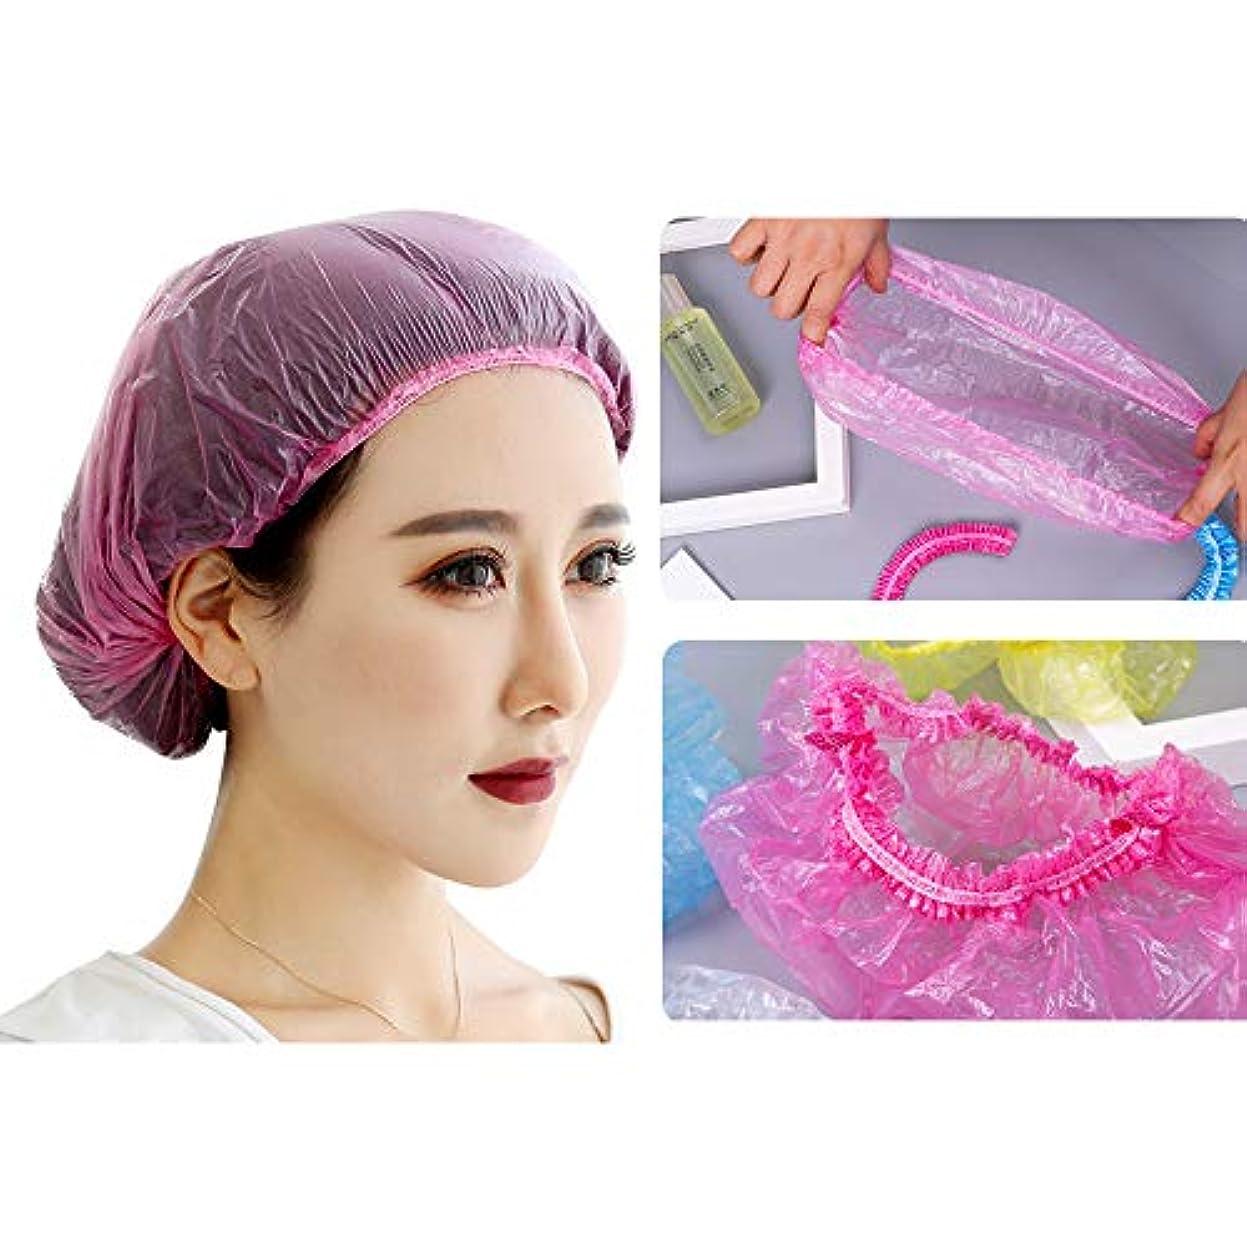 相関する連帯最大のWotion シャワーキャップ 使い捨てキャップ ヘアキャップ100枚入 個別包装 髪染め用 ヘアカラー用 サロン用 作業用 男女兼用 (ピンク)